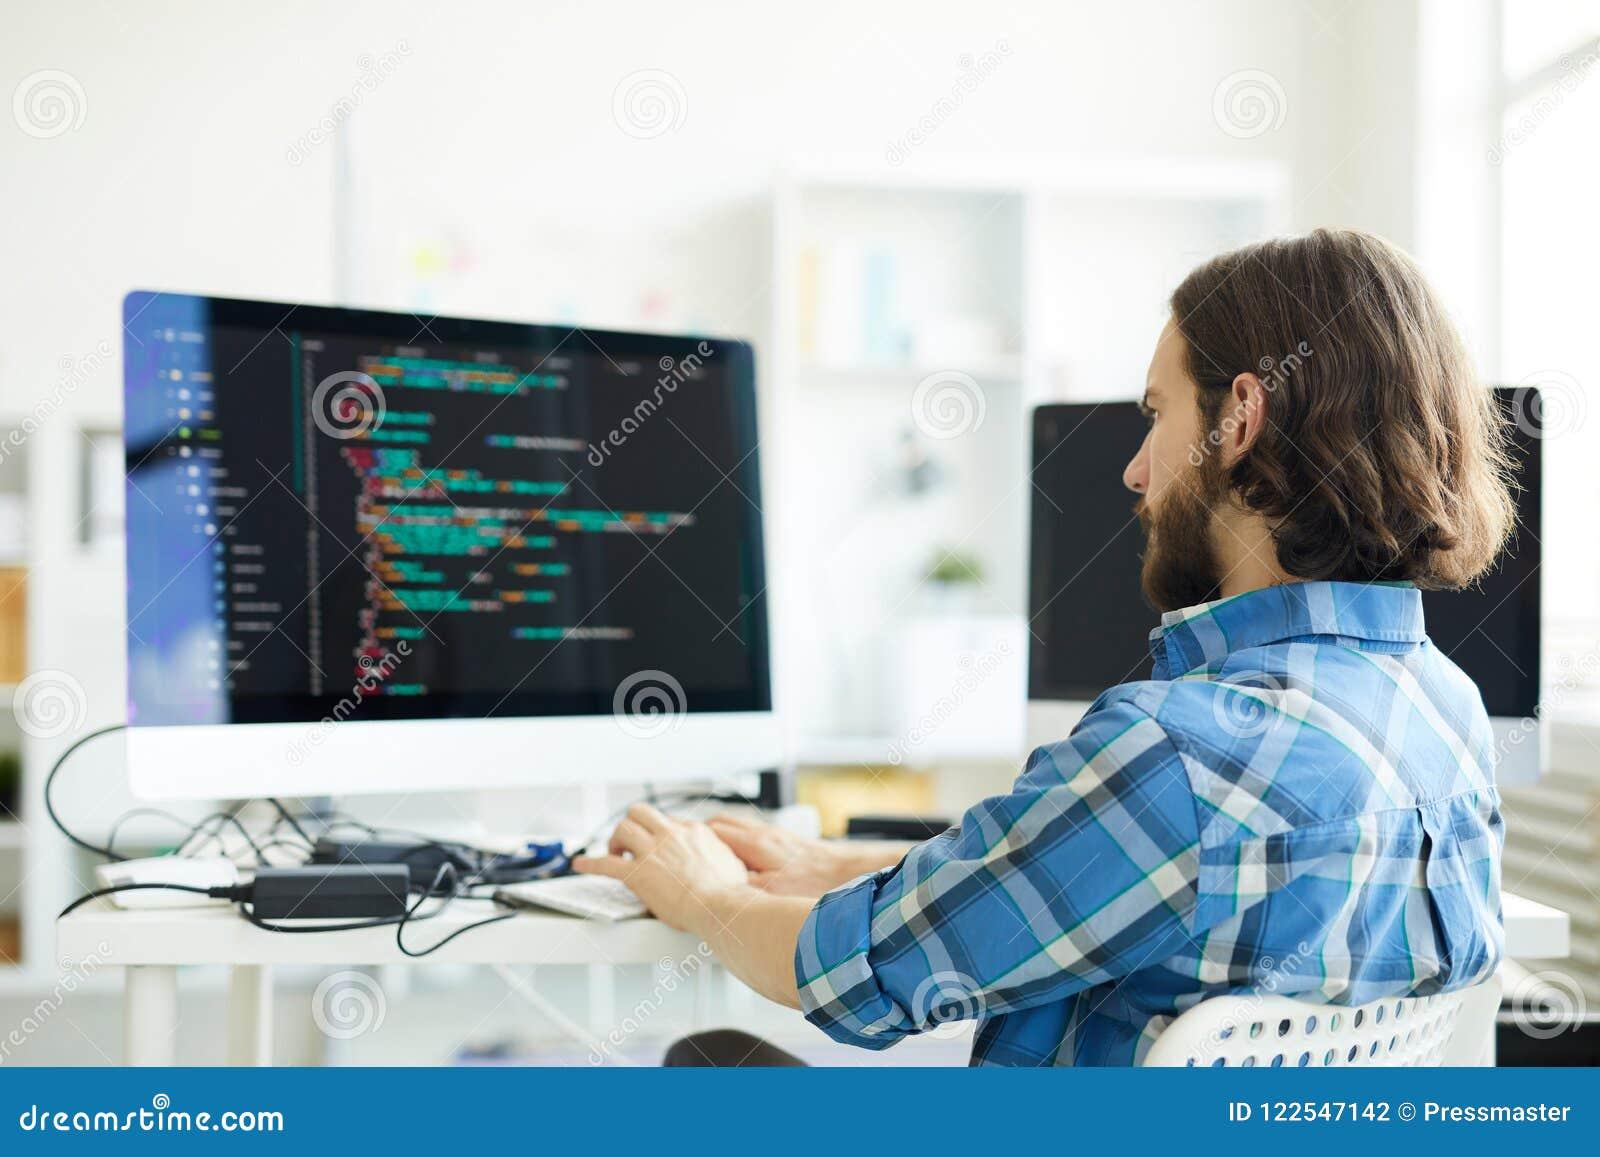 Codeur créant le logiciel